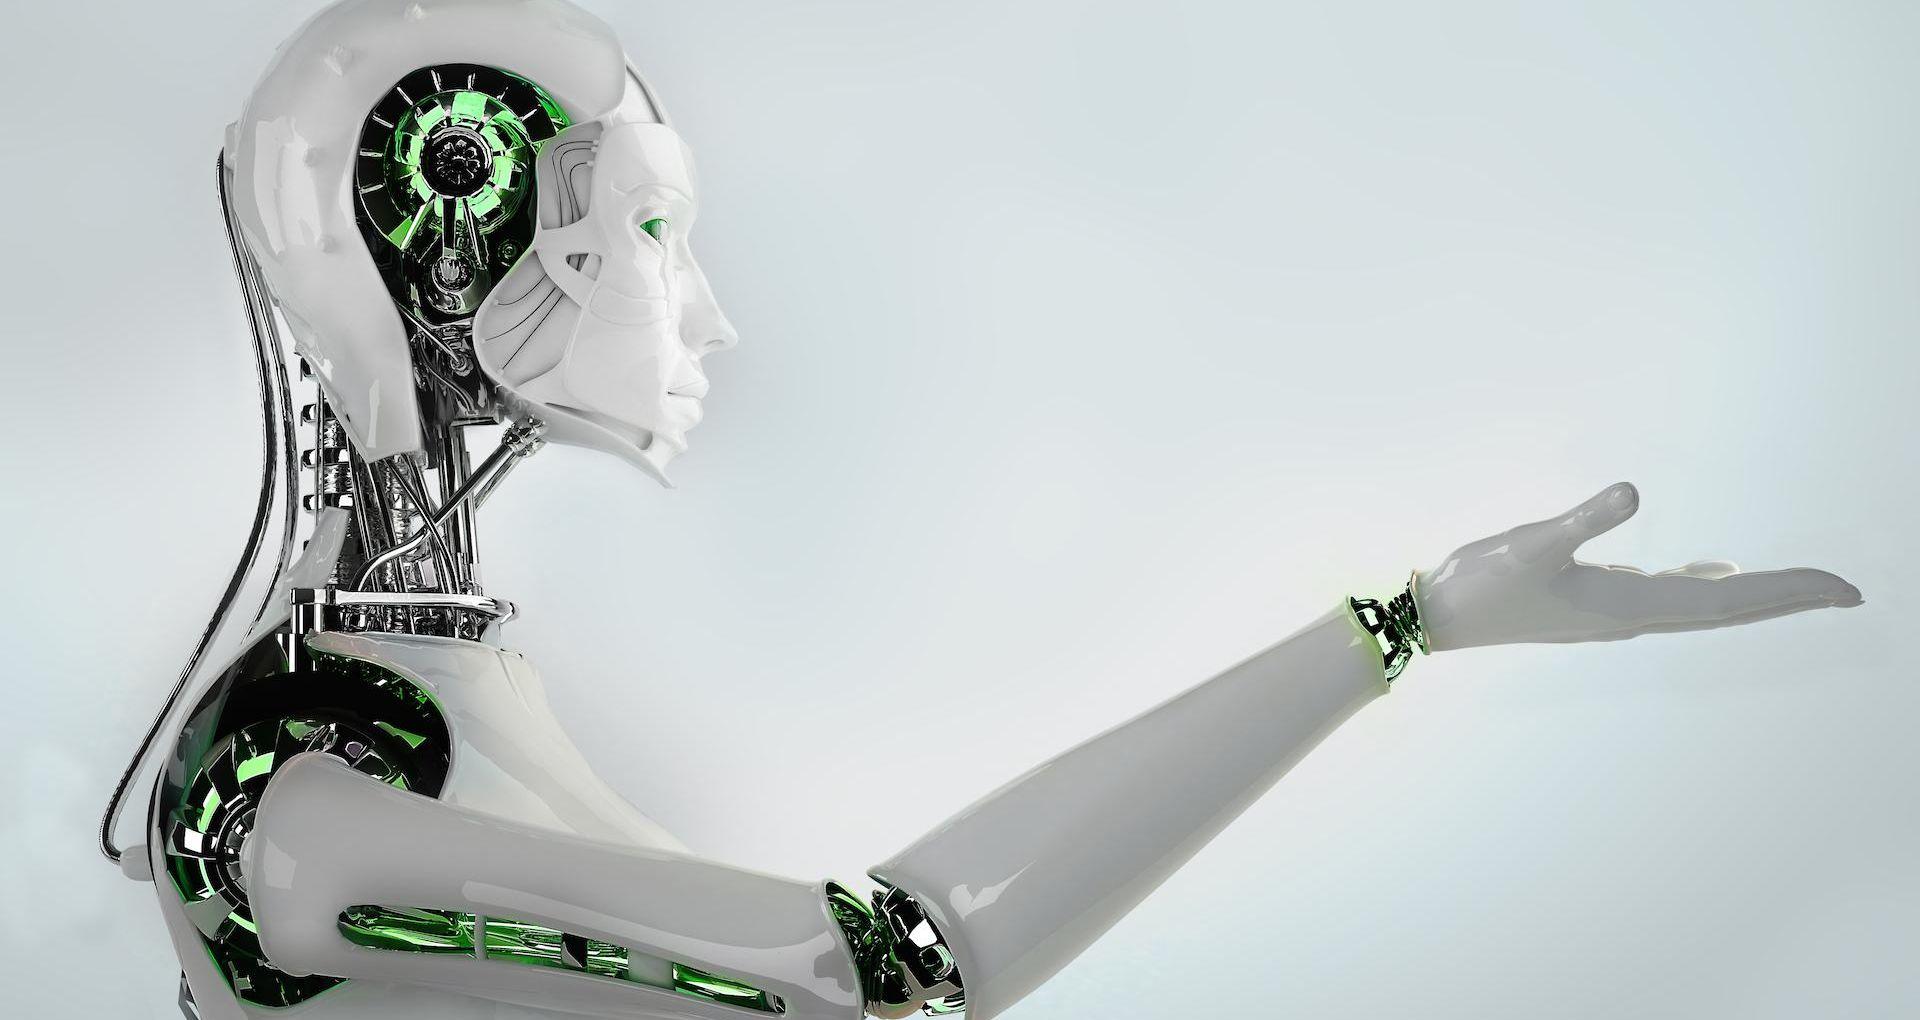 W niedługim czasie roboty zastąpią ludzi zatrudnienie Fotolia 56431429 Subscription Monthly XXL